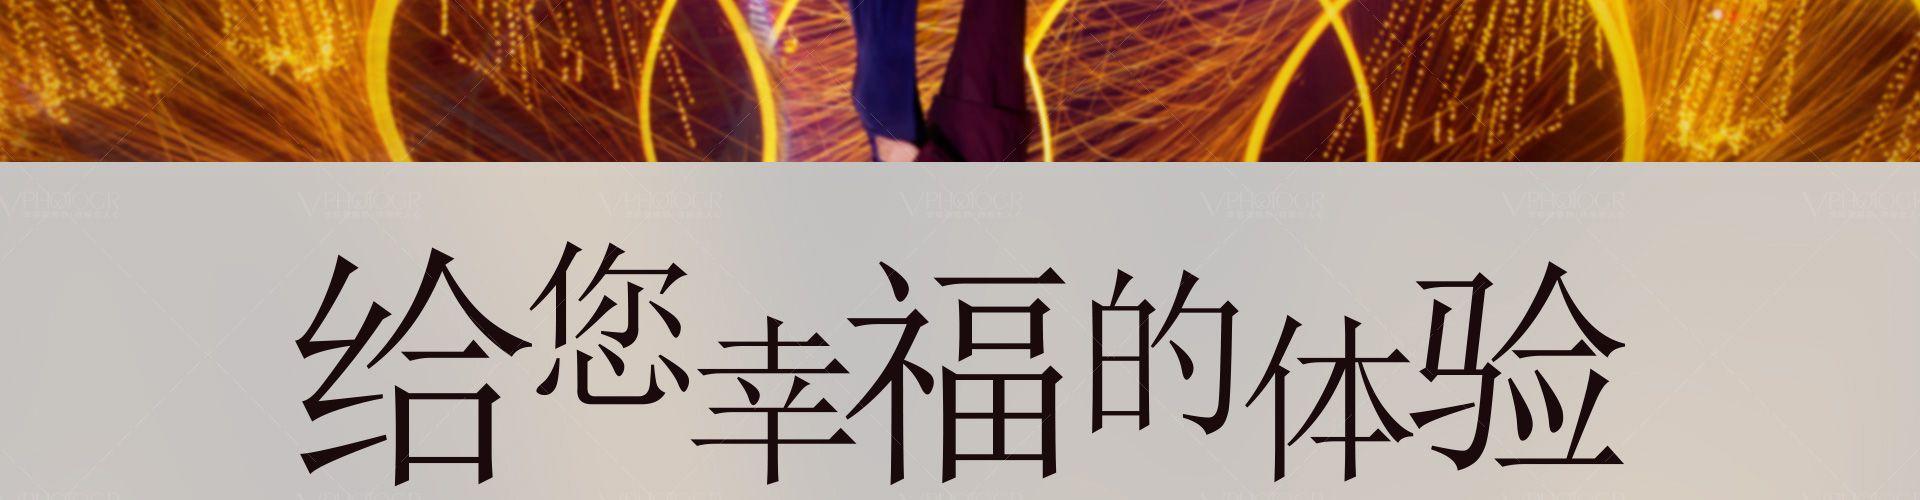 佳片集锦第8季